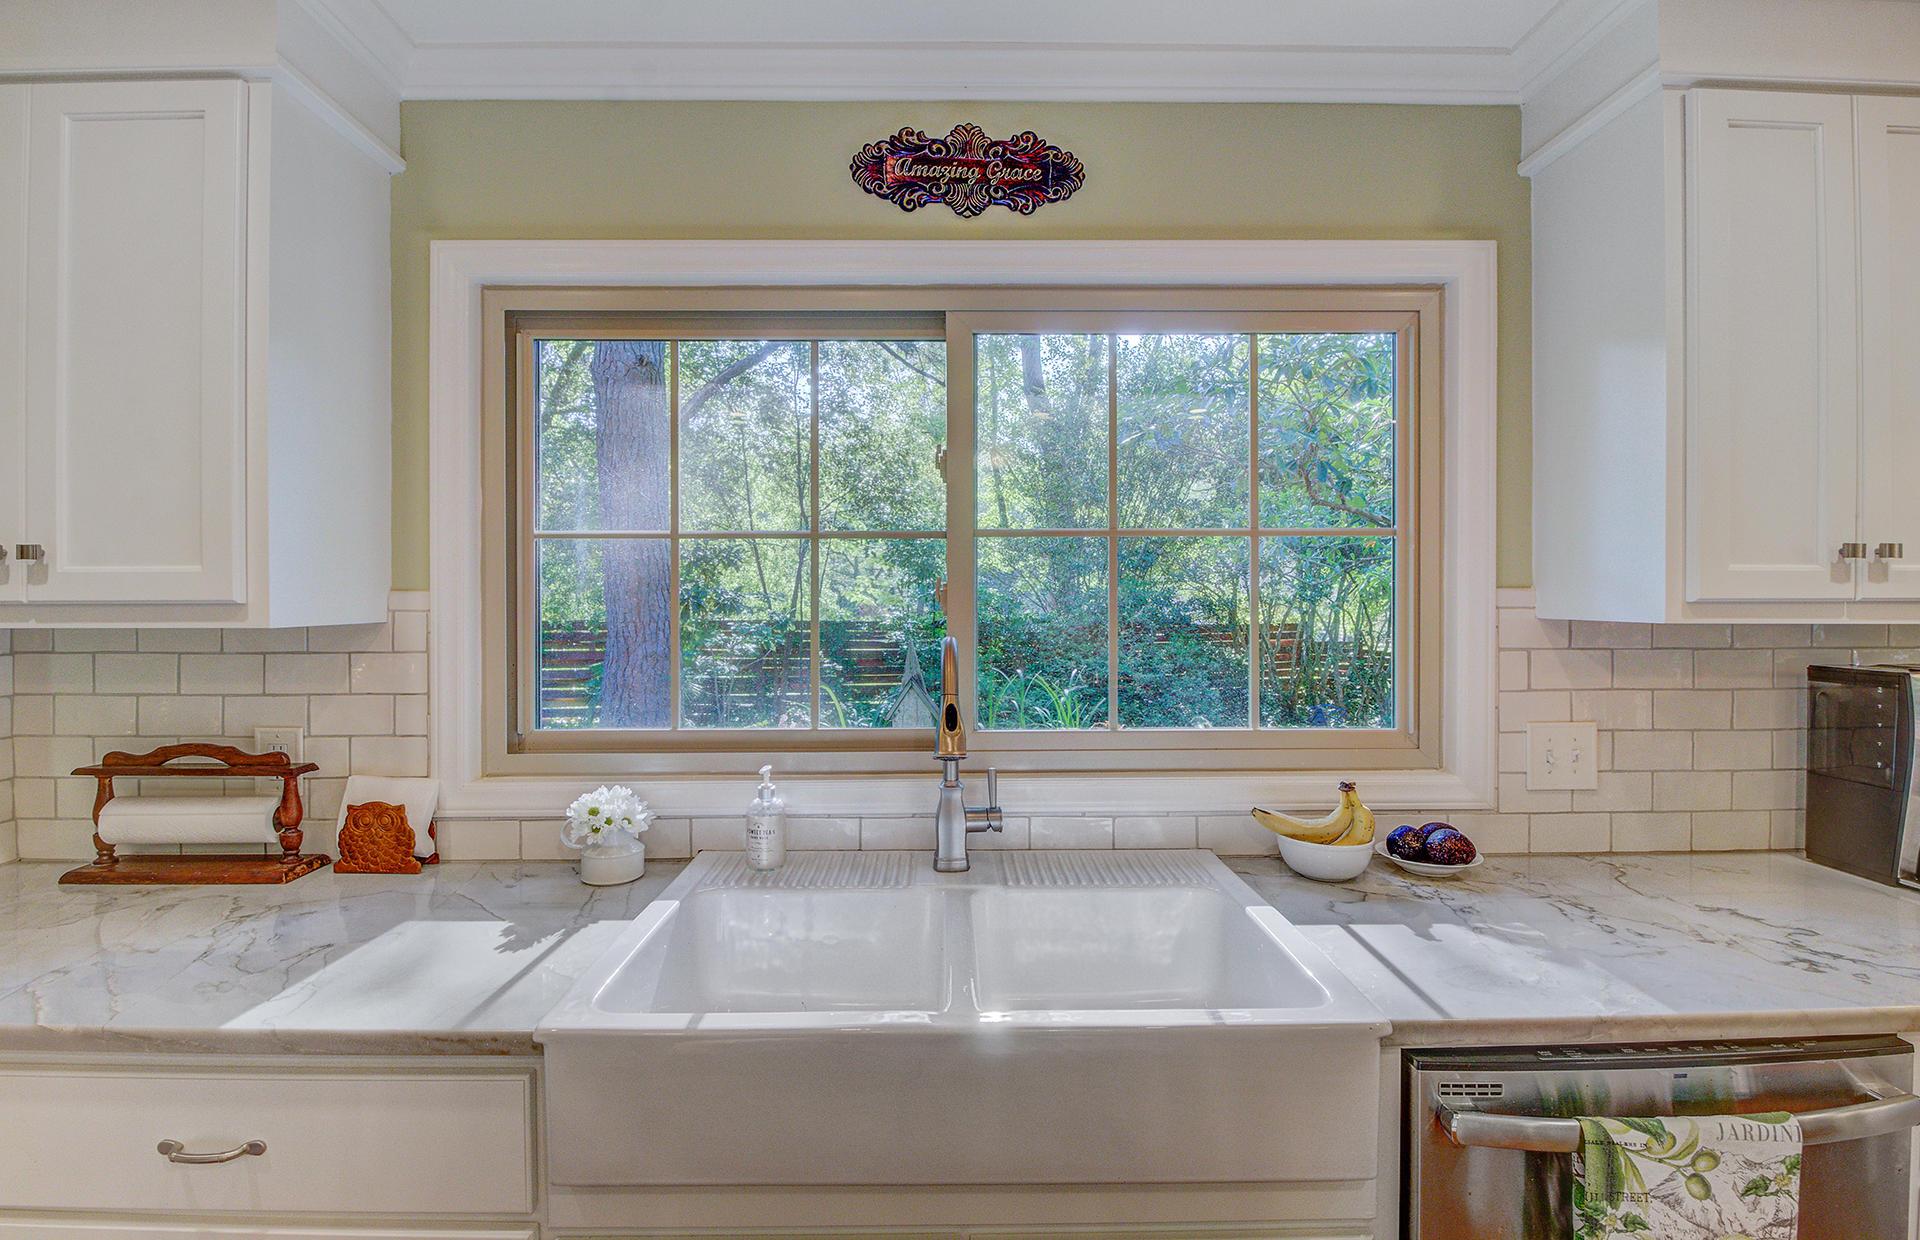 Pine Forest Inn Homes For Sale - 543 Simmons, Summerville, SC - 50